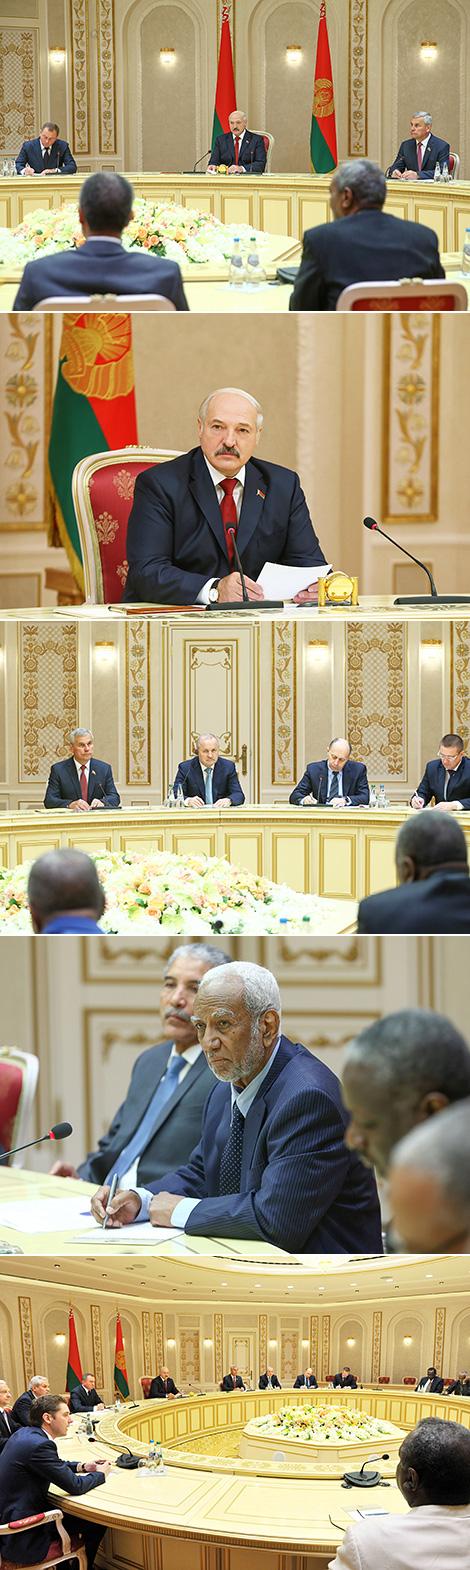 Лукашэнка: Беларусь сур'ёзна настроена на паспяховае ажыццяўленне сумесных праектаў з Суданам